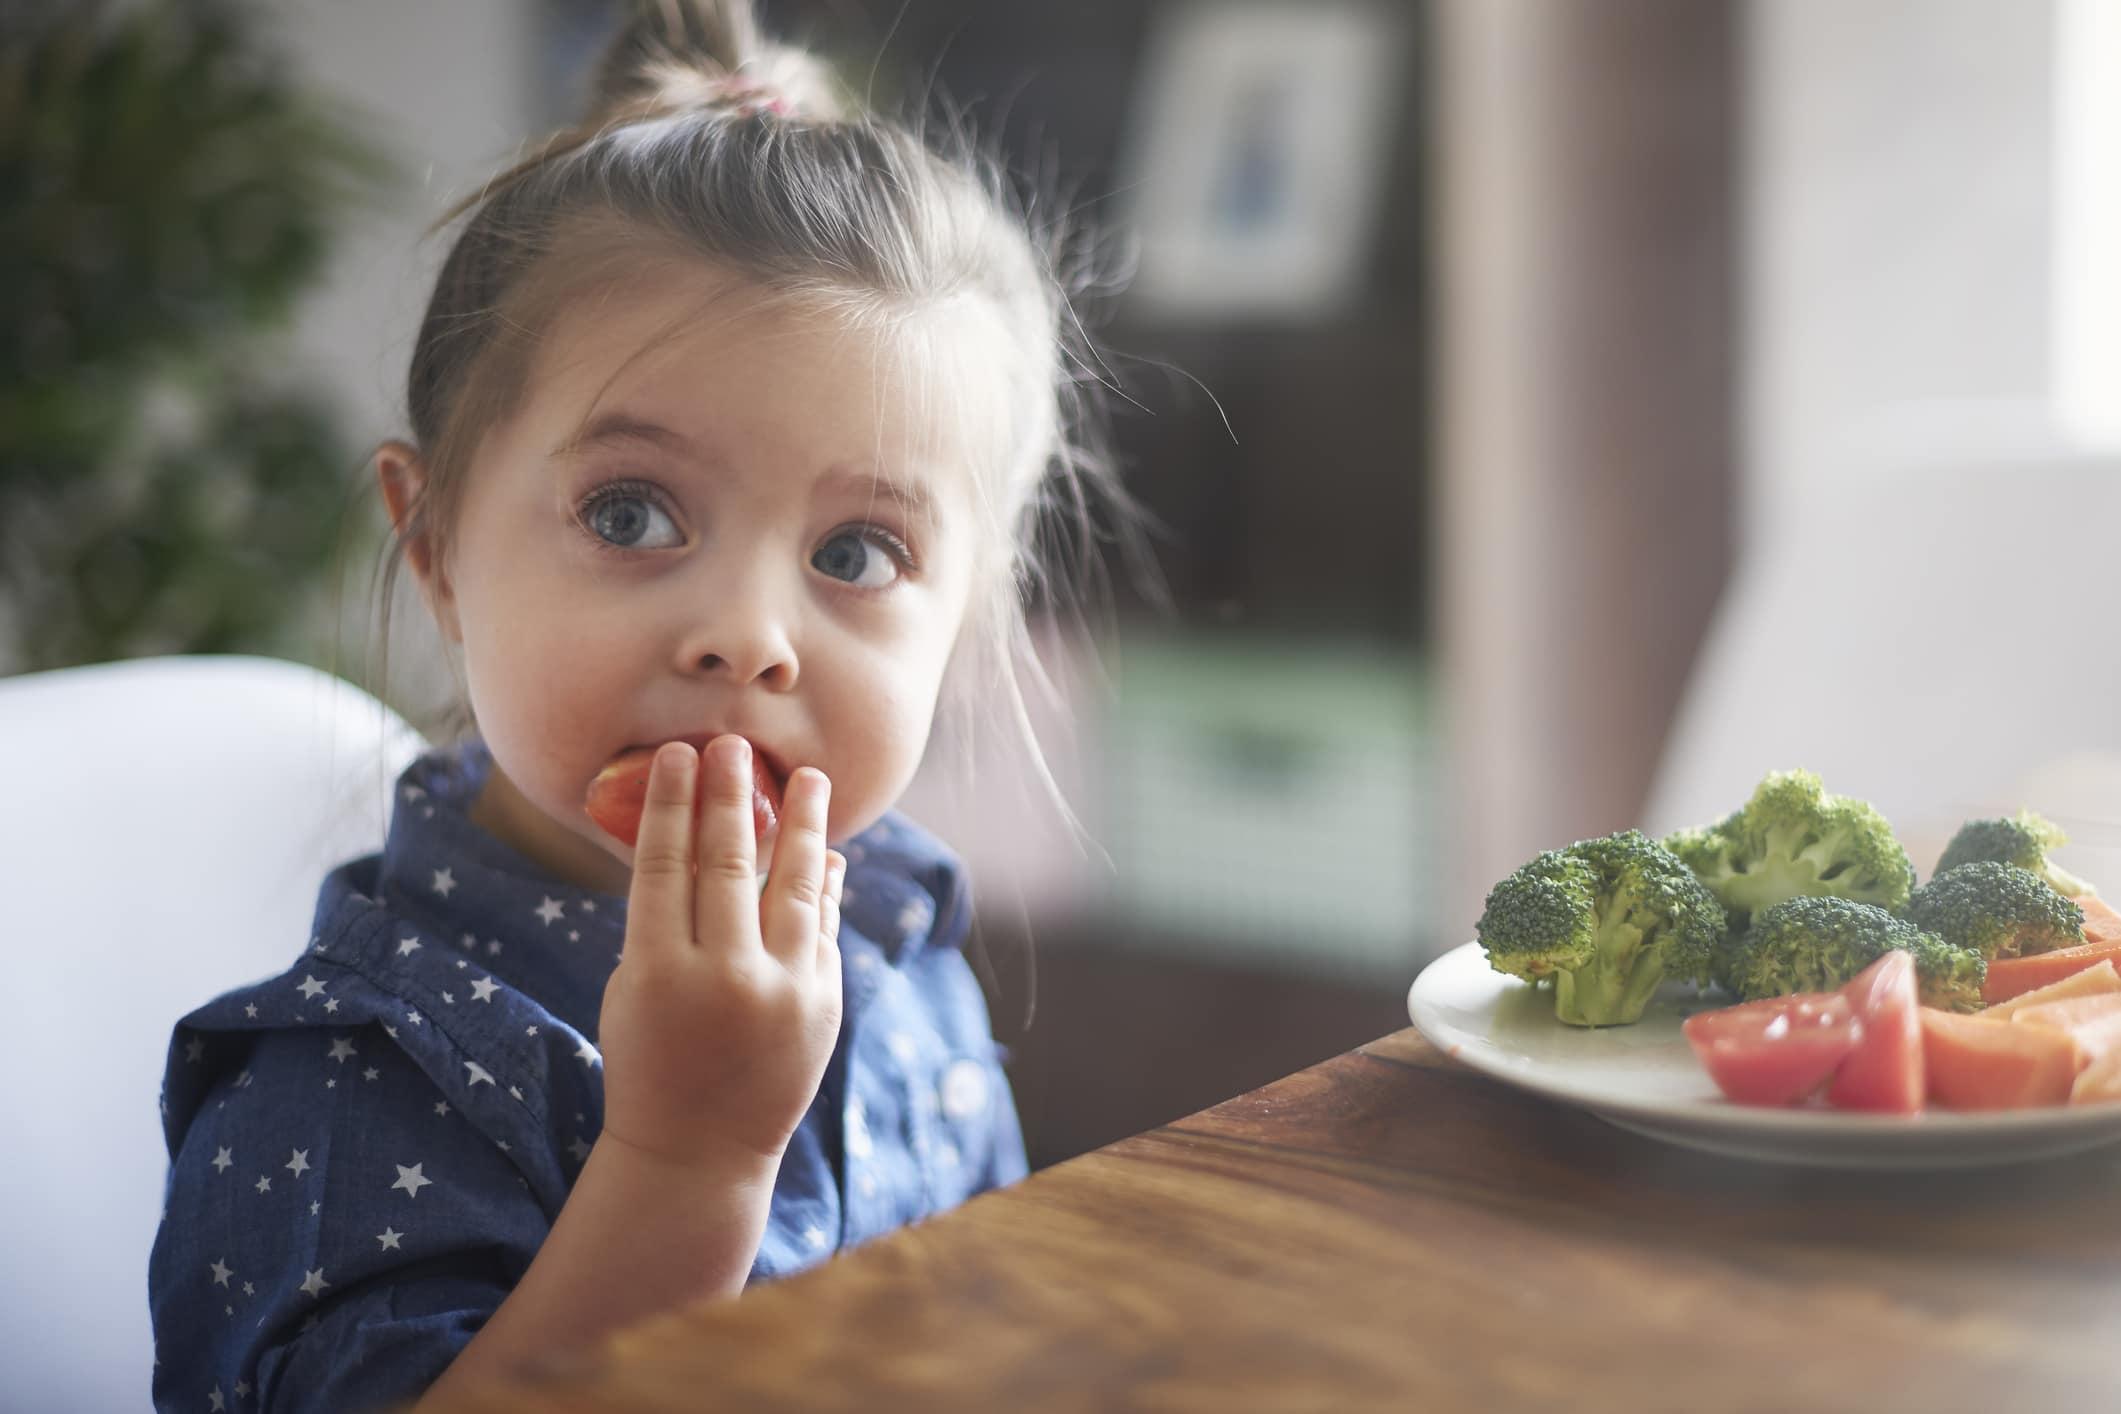 Çocuğun sebze yemesi onları daha sağlıklı kılar